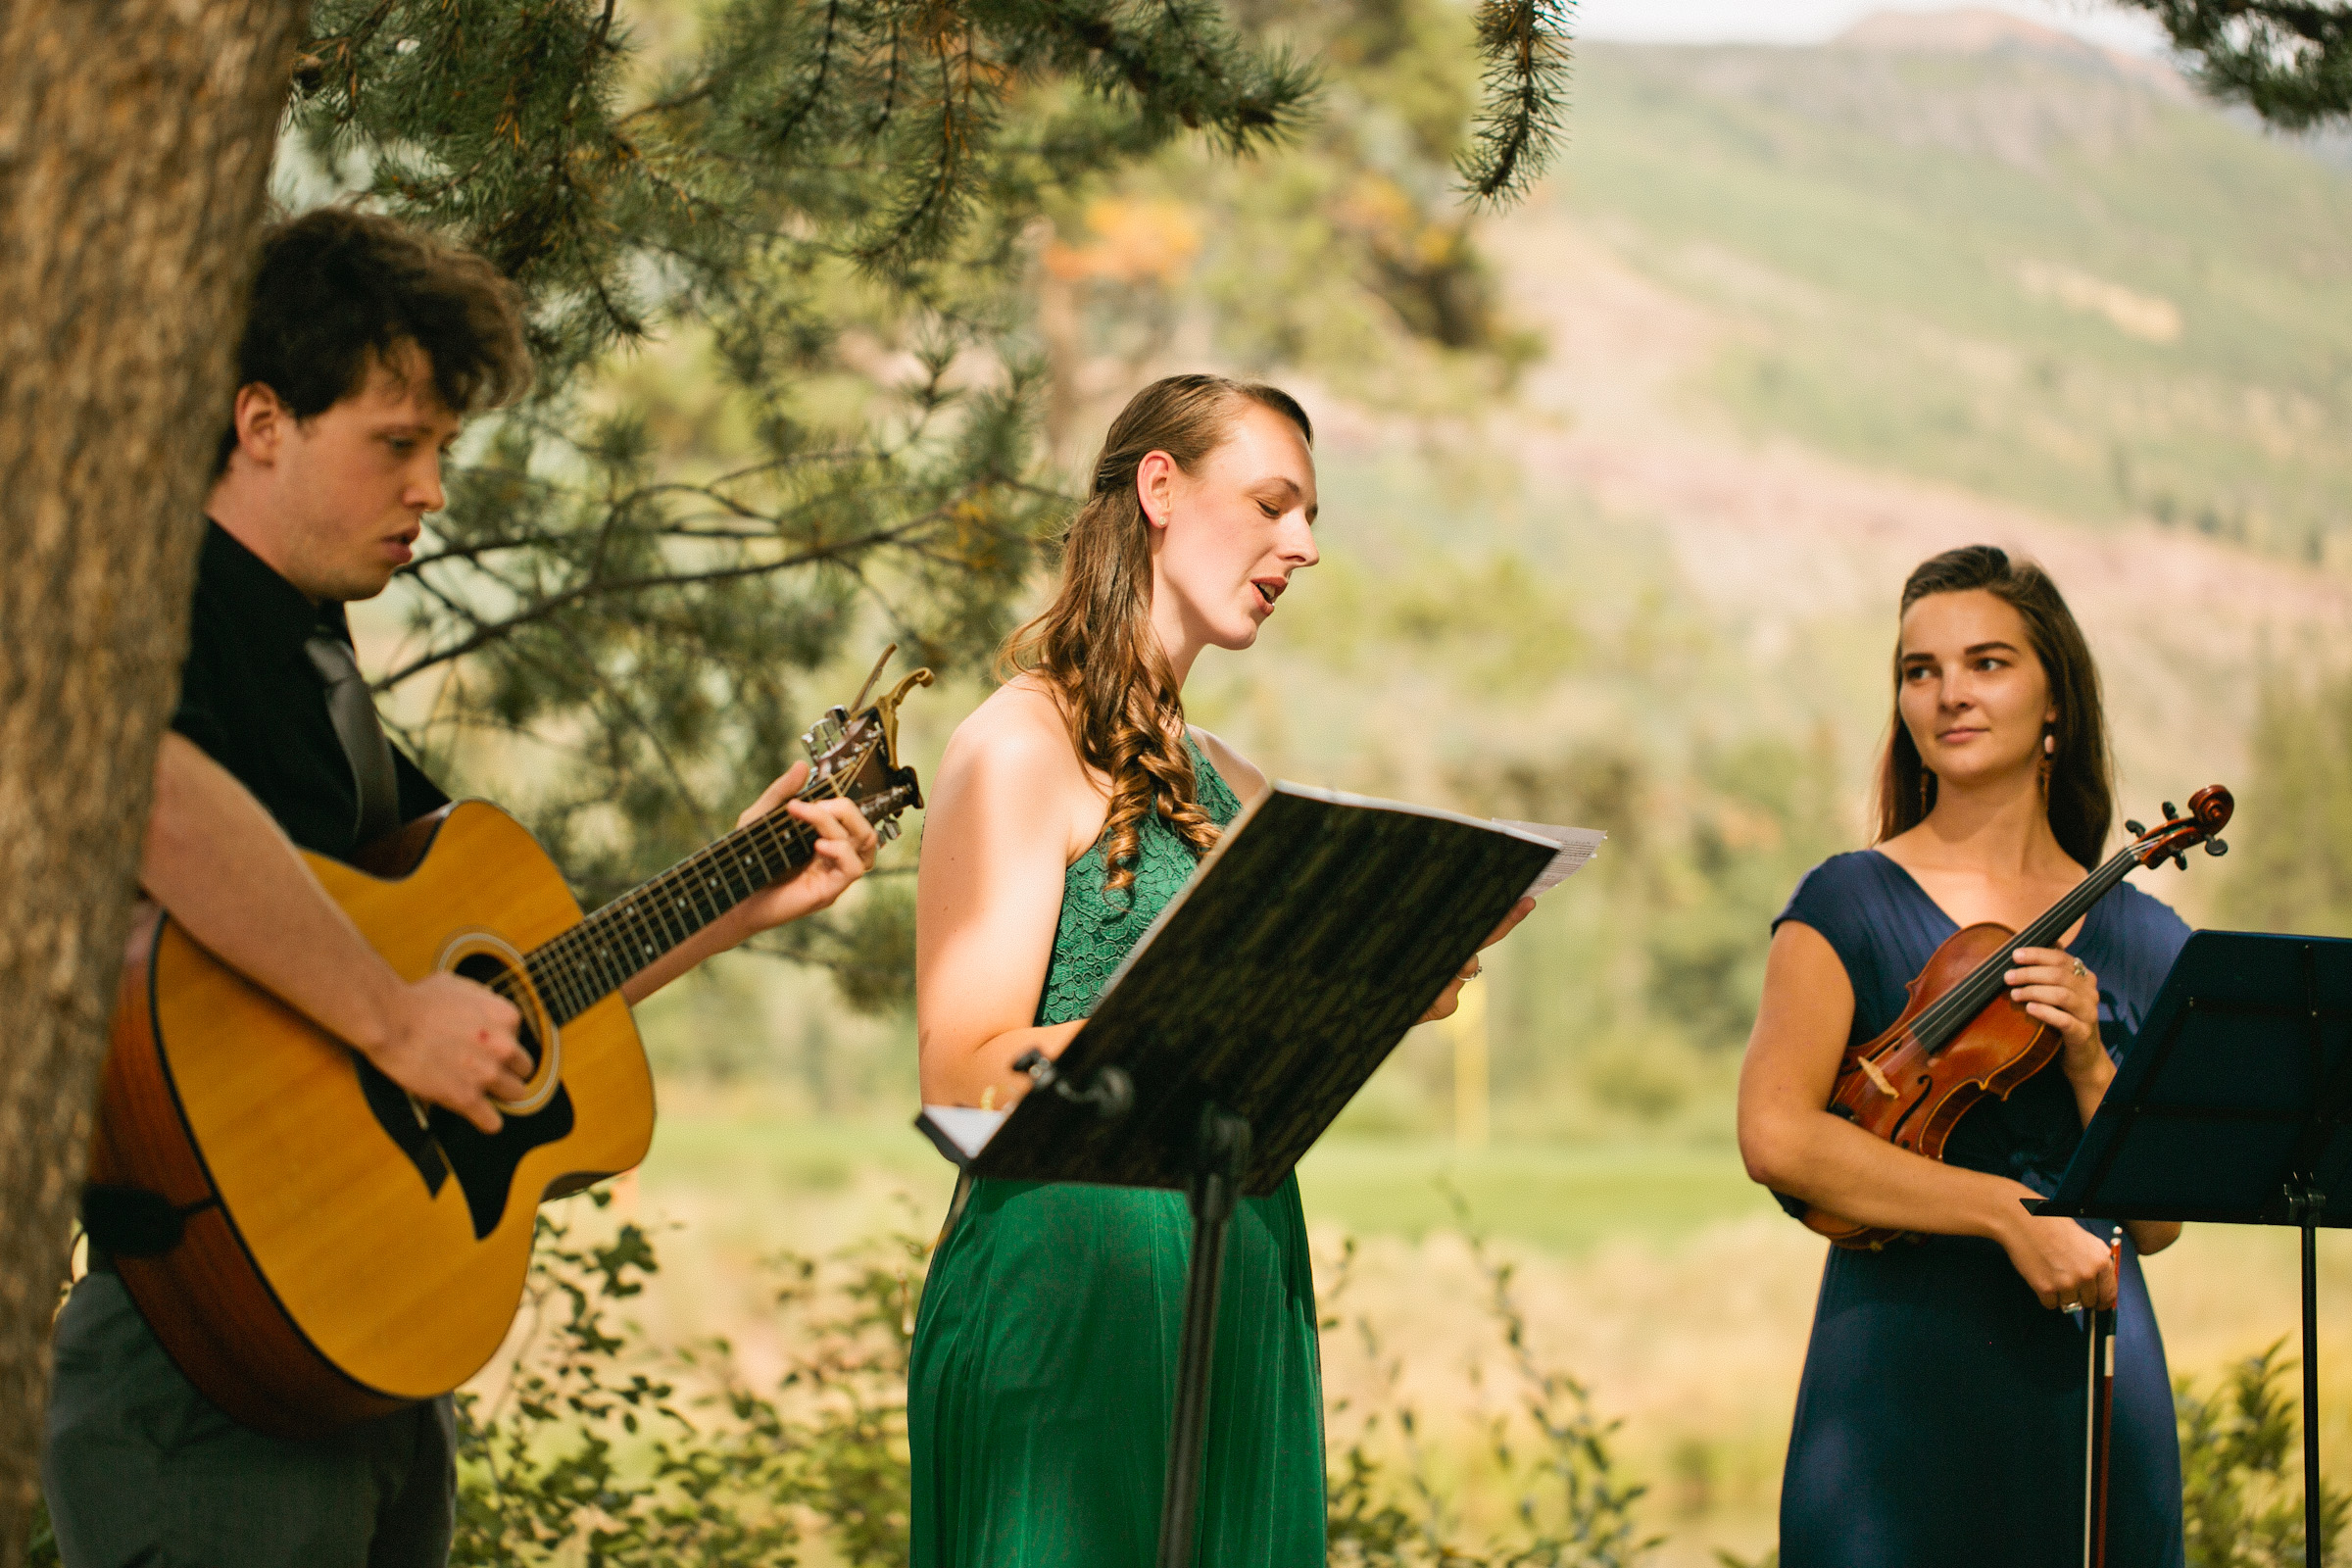 outdoor-colorado-wedding-venues-in-mountains